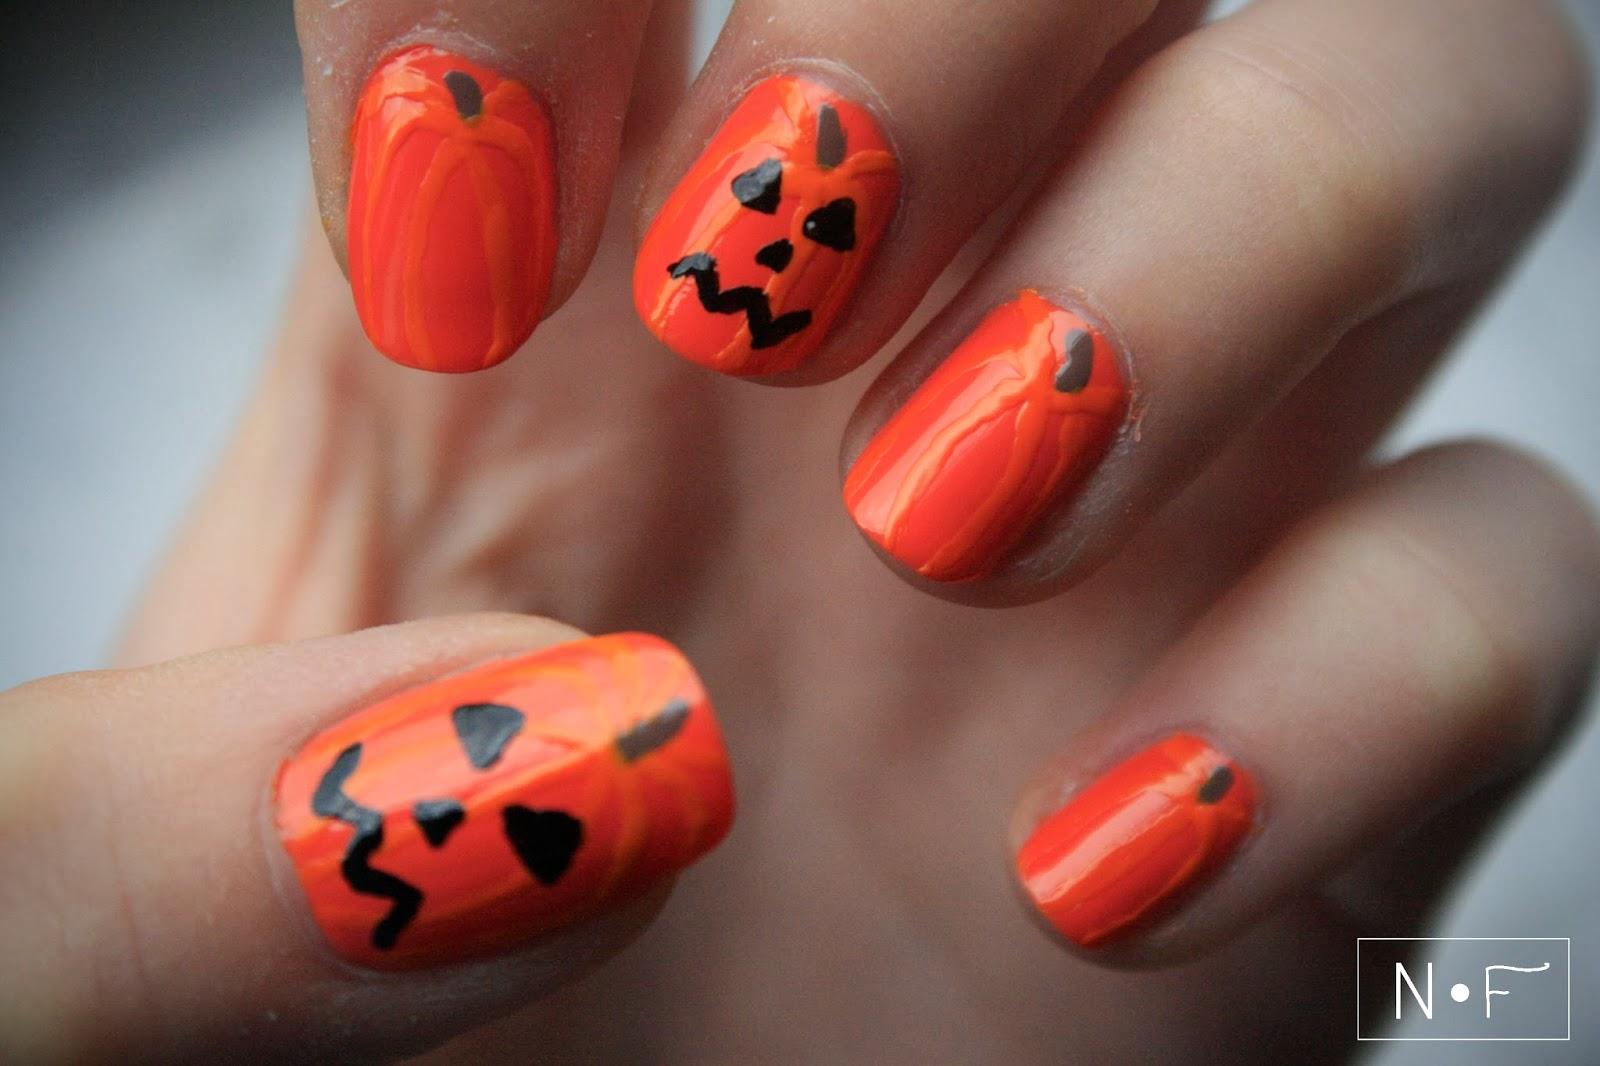 http://nerdyfleurty.blogspot.com/2013/10/pumpkins-for-halloween.html